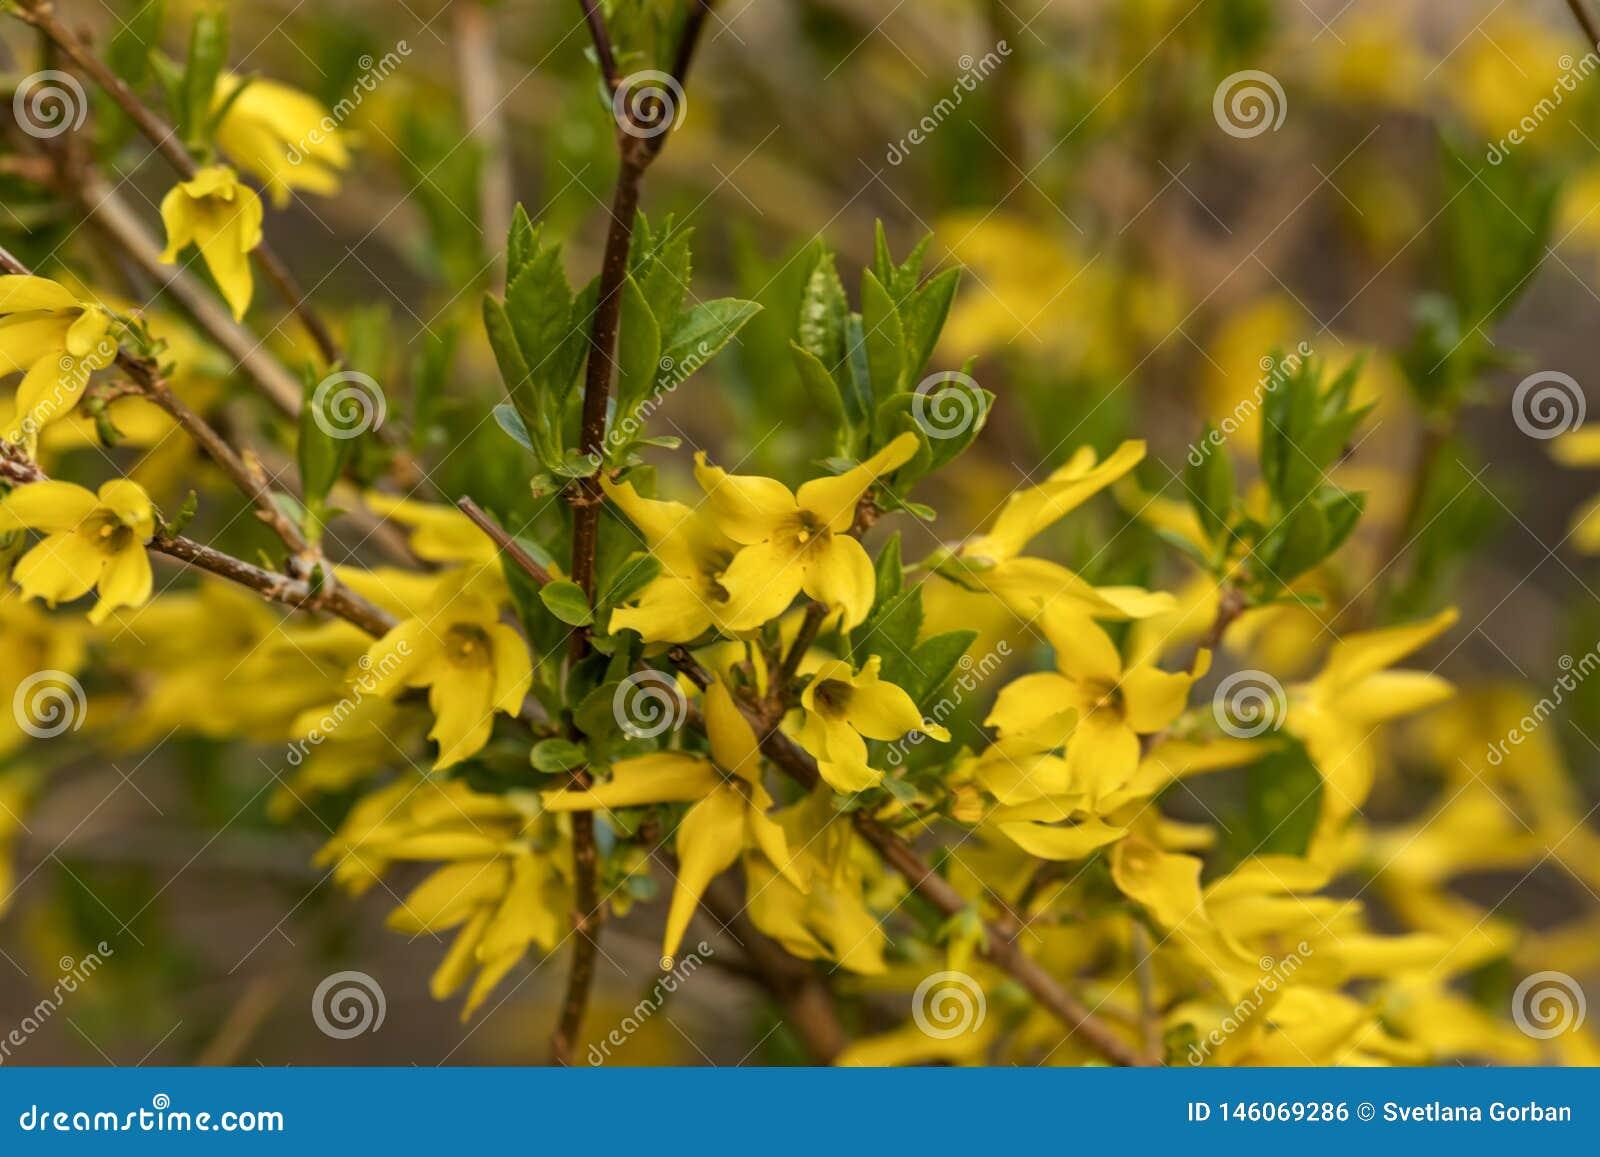 De gele bloemen op een struik in de stad tuinieren op een zonnige de lentedag